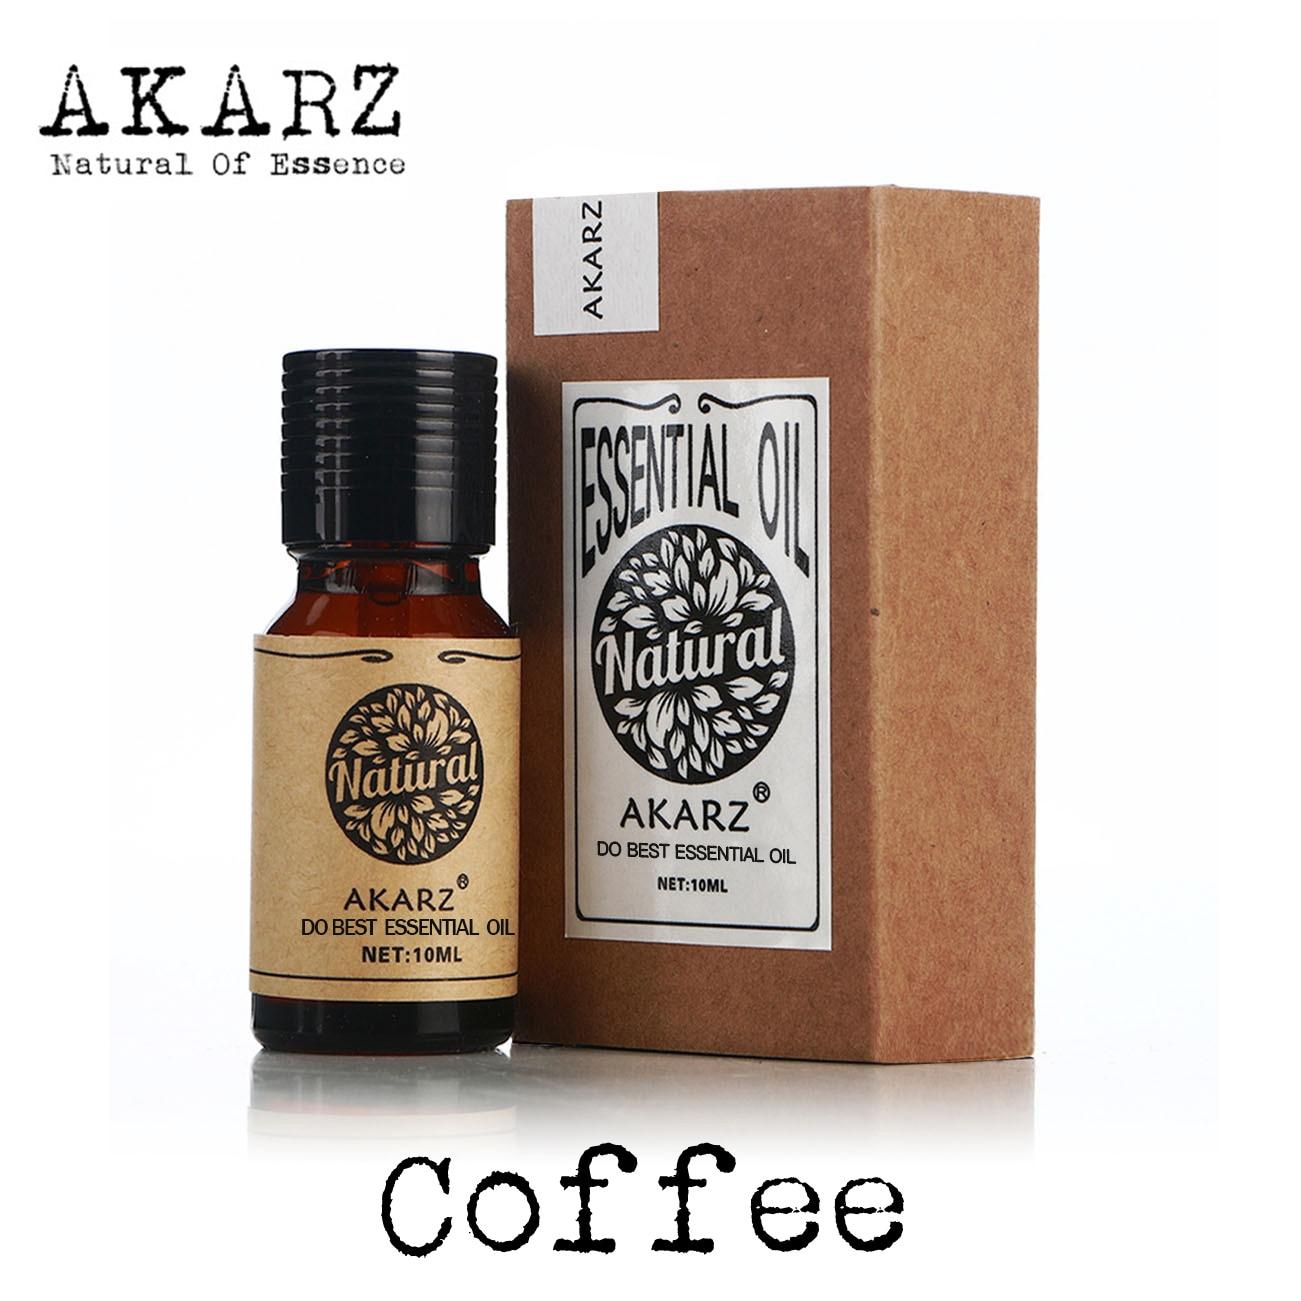 Akarz известный бренд Природный Кофе эфирное масло ячеек обновления, расслабиться, влаги питание клеток кожи Кофе масла